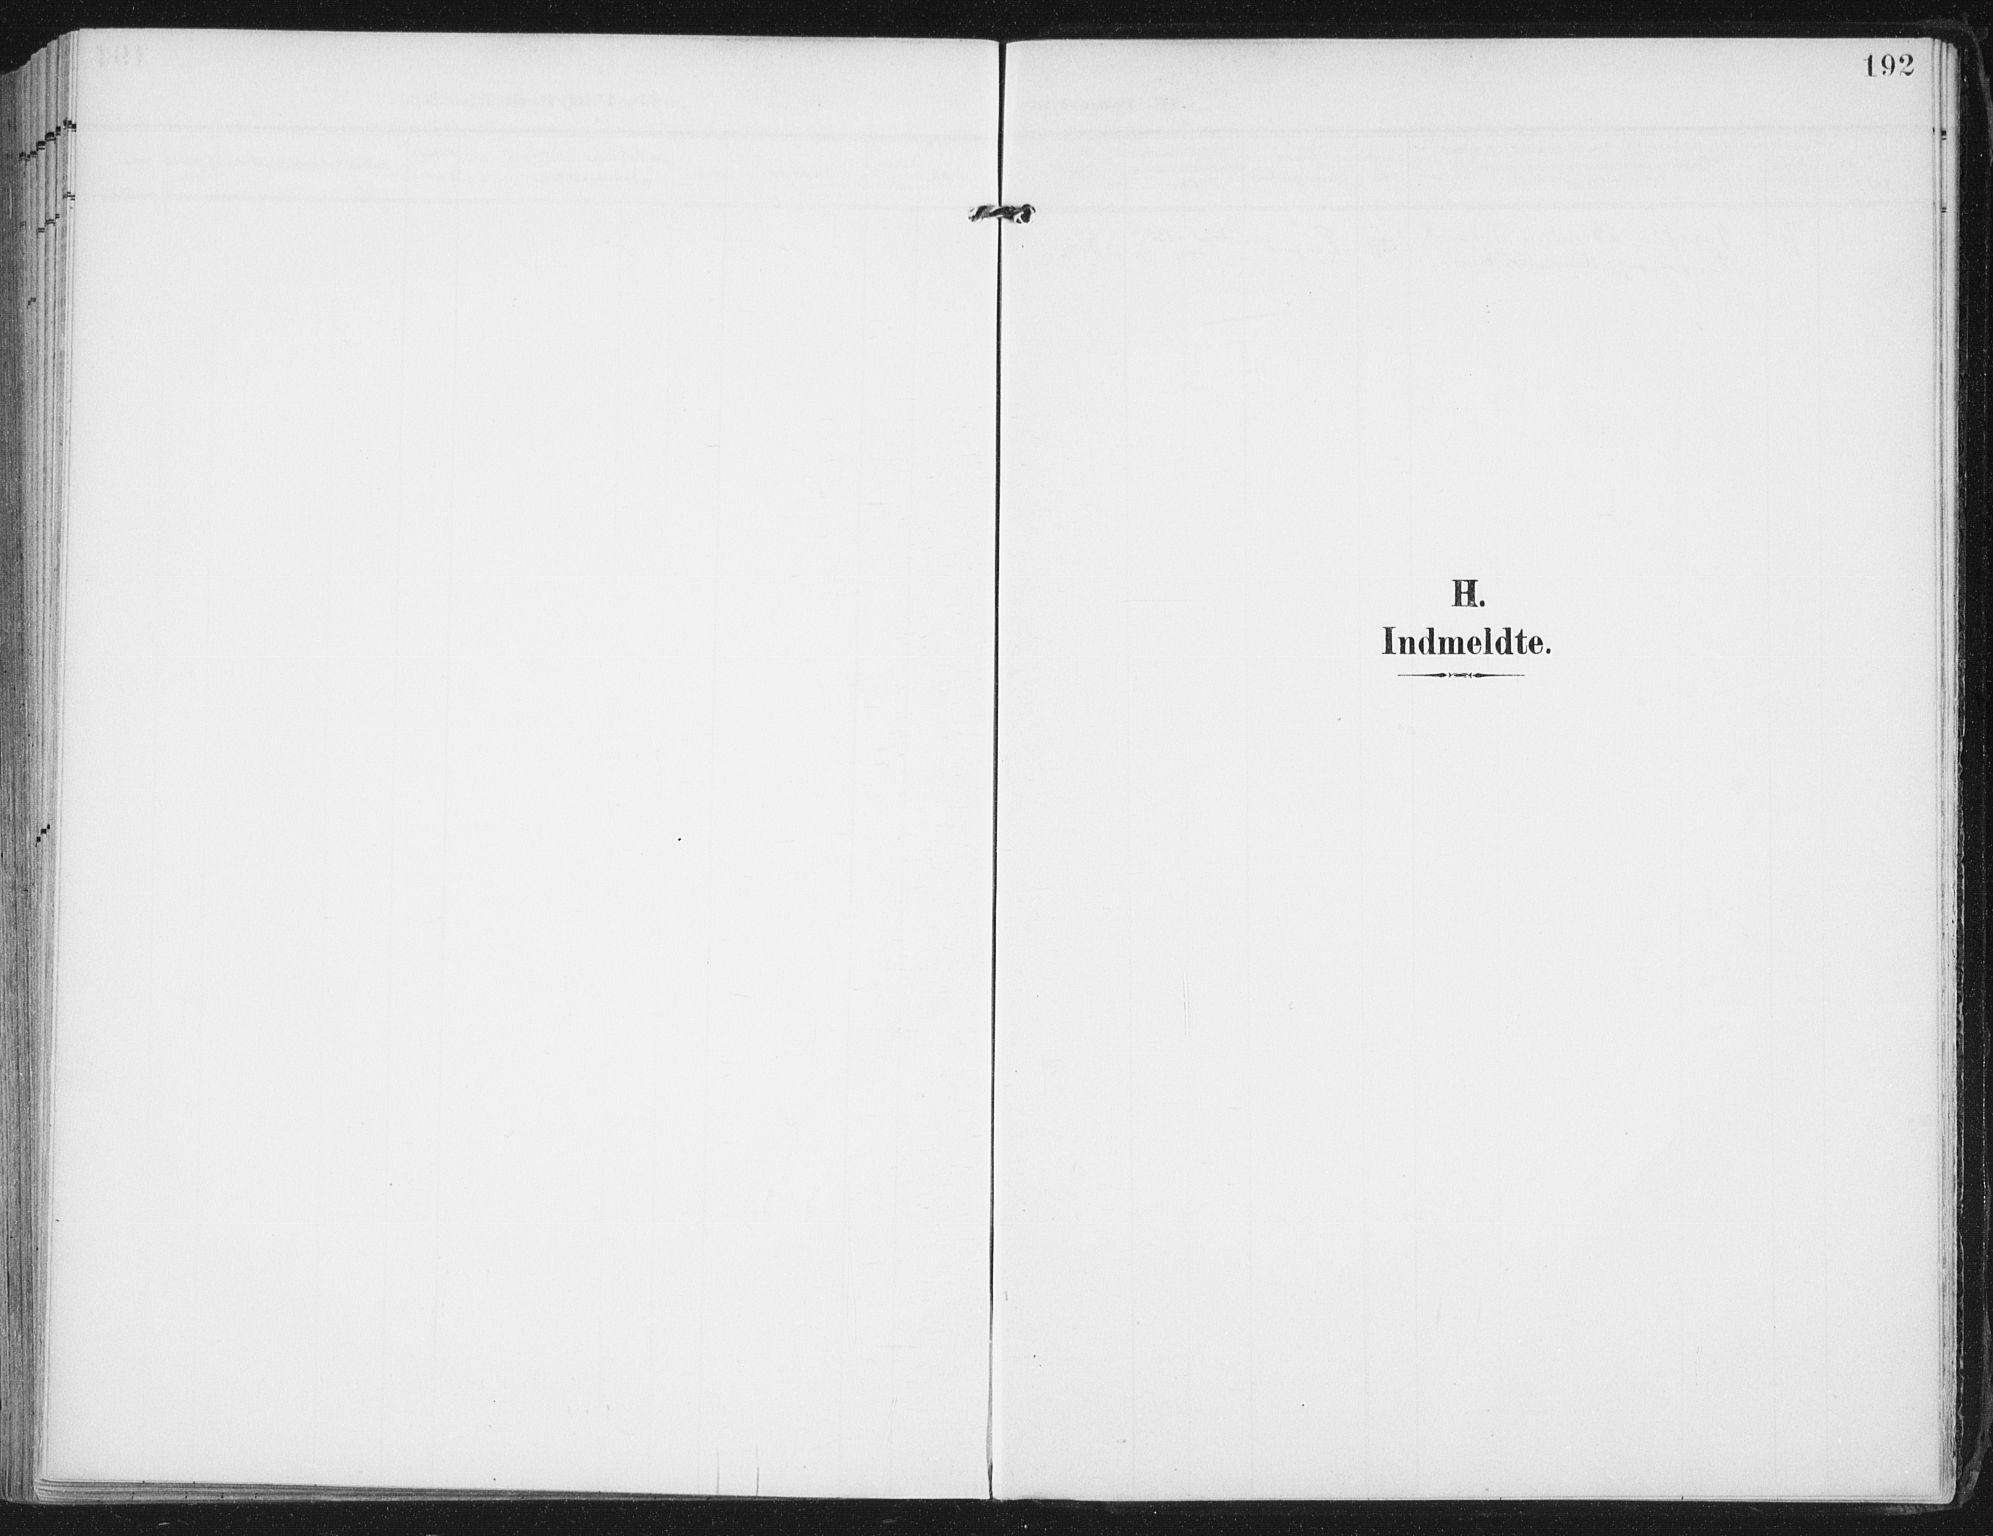 SAT, Ministerialprotokoller, klokkerbøker og fødselsregistre - Nordland, 892/L1321: Parish register (official) no. 892A02, 1902-1918, p. 192